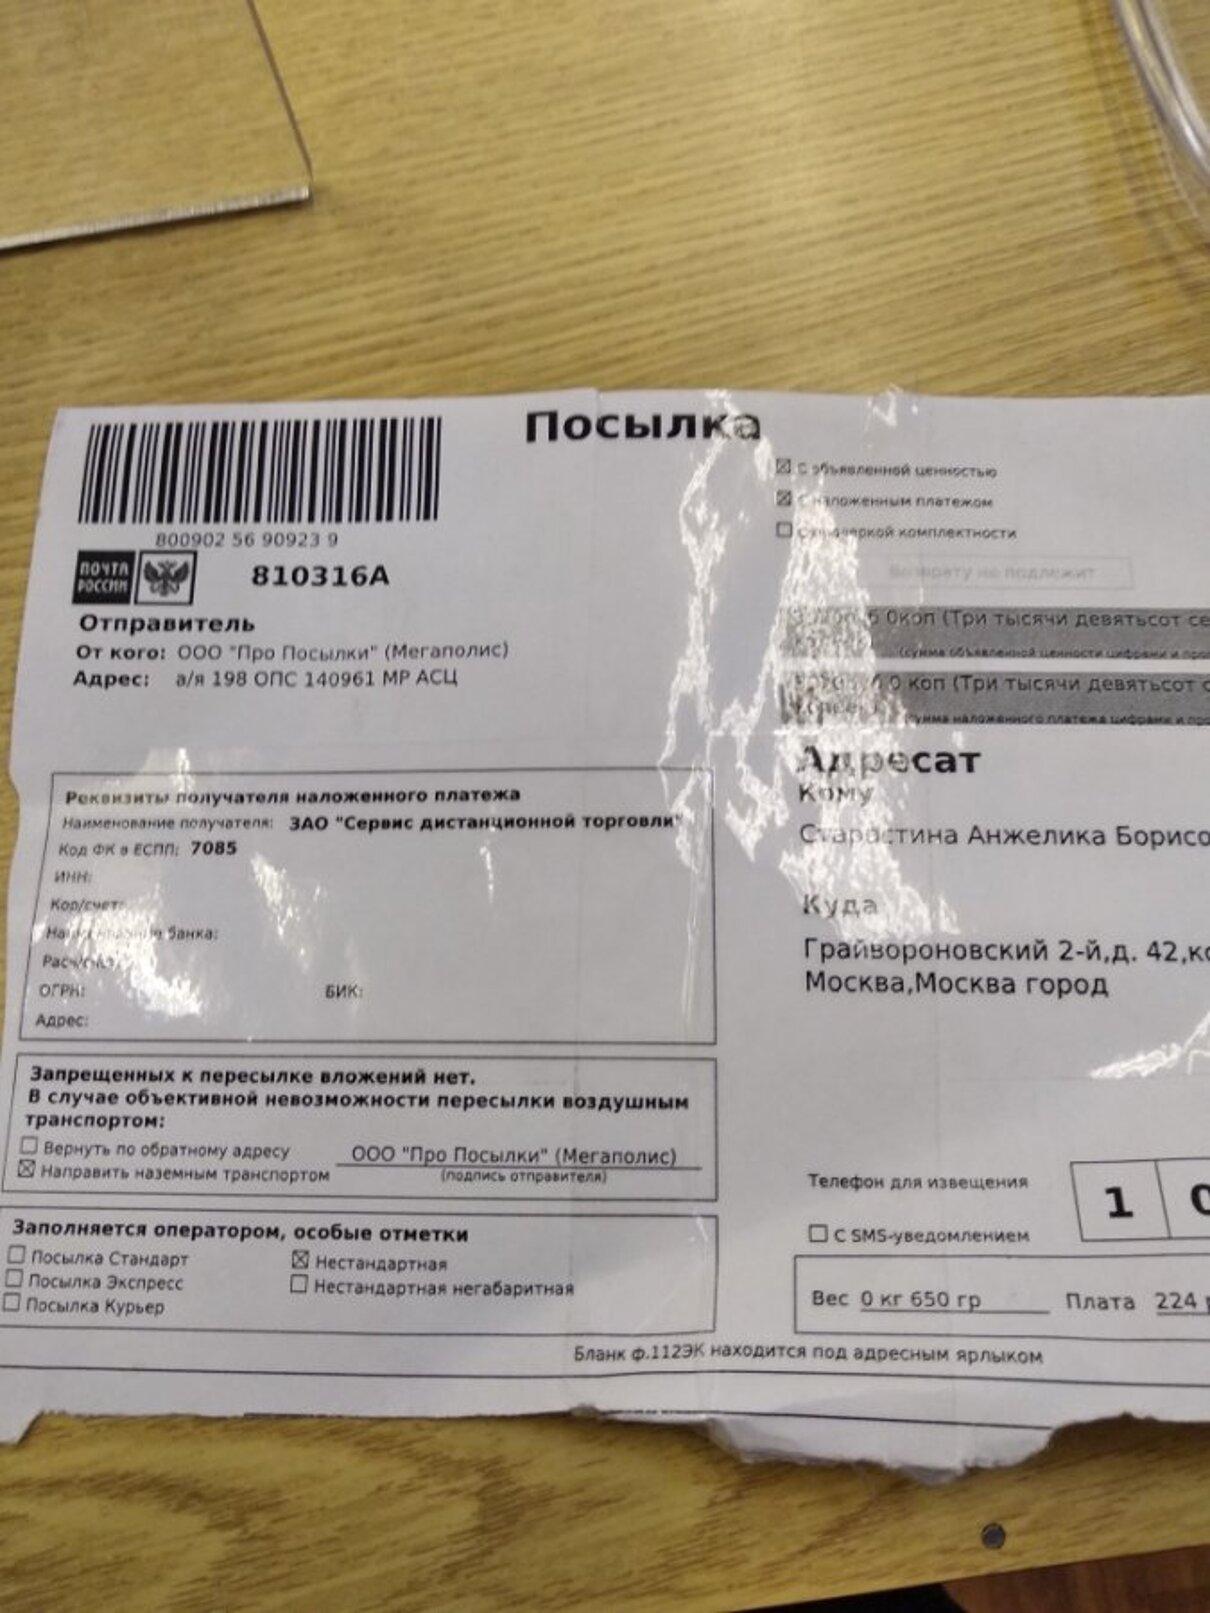 Жалоба-отзыв: ЗАО Сервис дистанционной торговли - Пуста посылка, возврат денег, мошенничество.  Фото №2